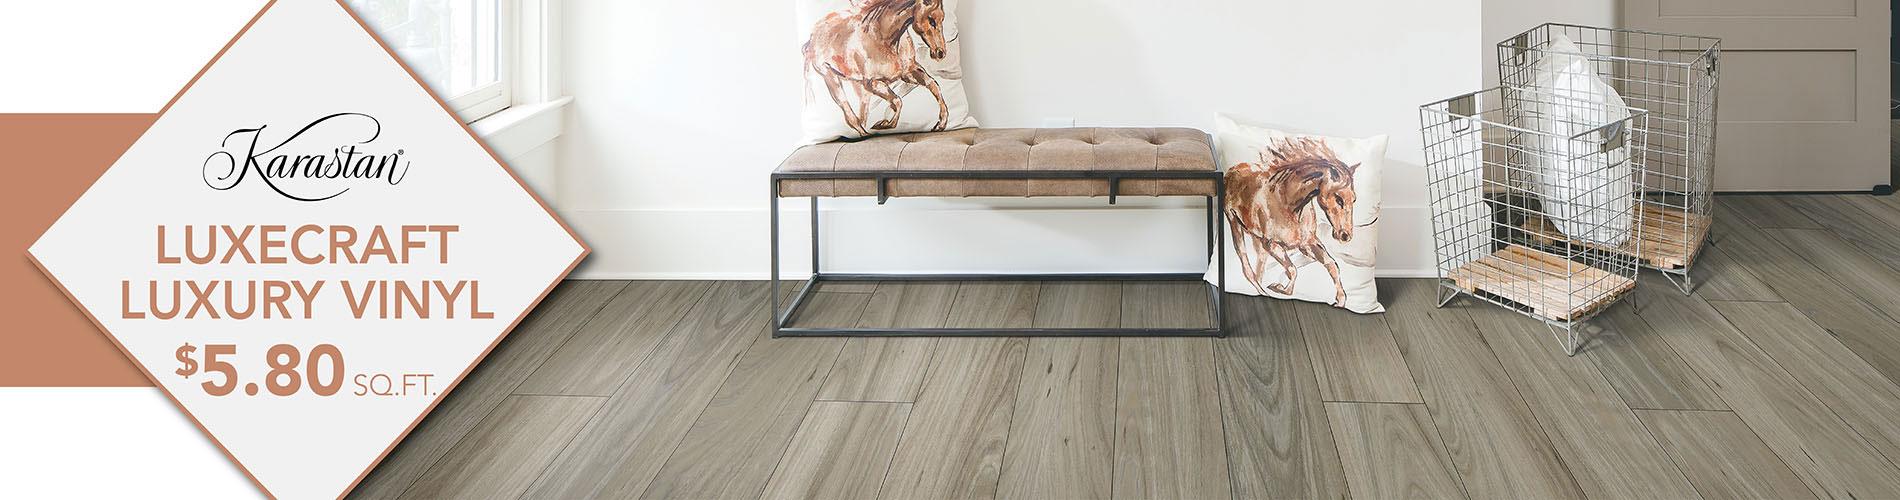 Karastan Luxecraft Luxury vinyl $5.80 sq. ft.